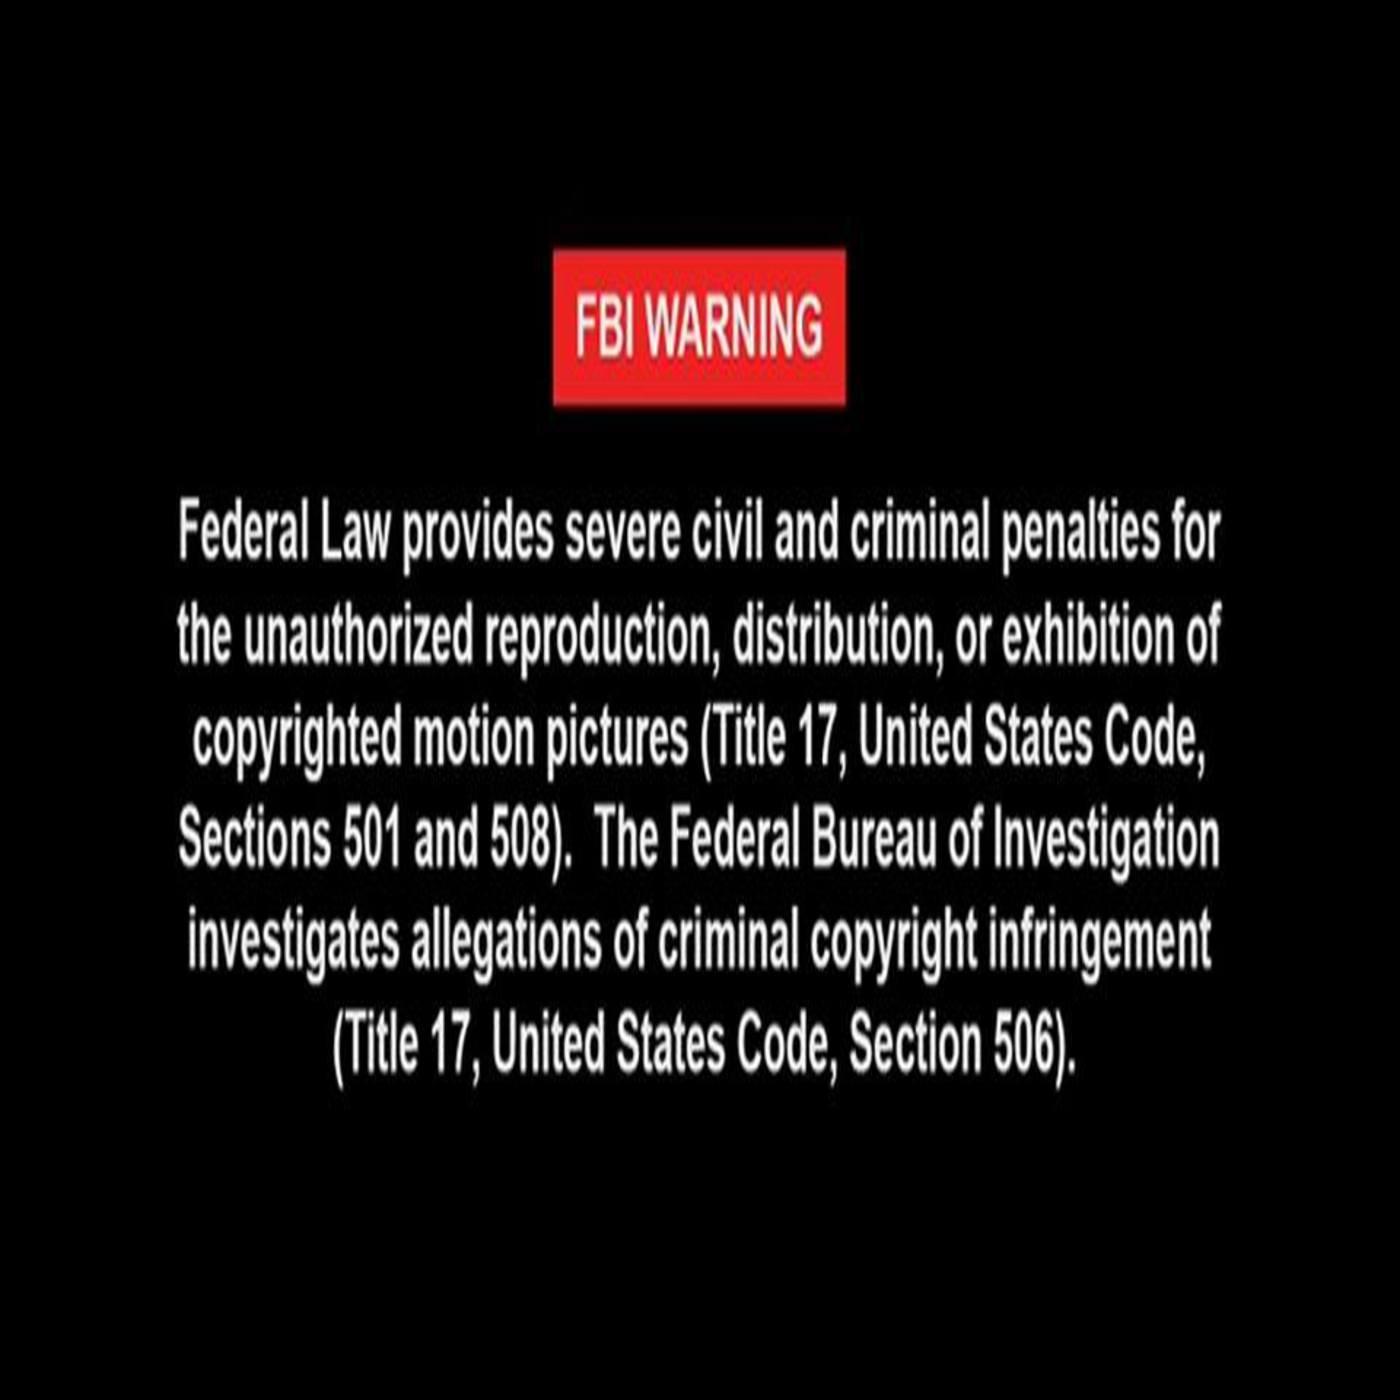 FBI Warning!!!